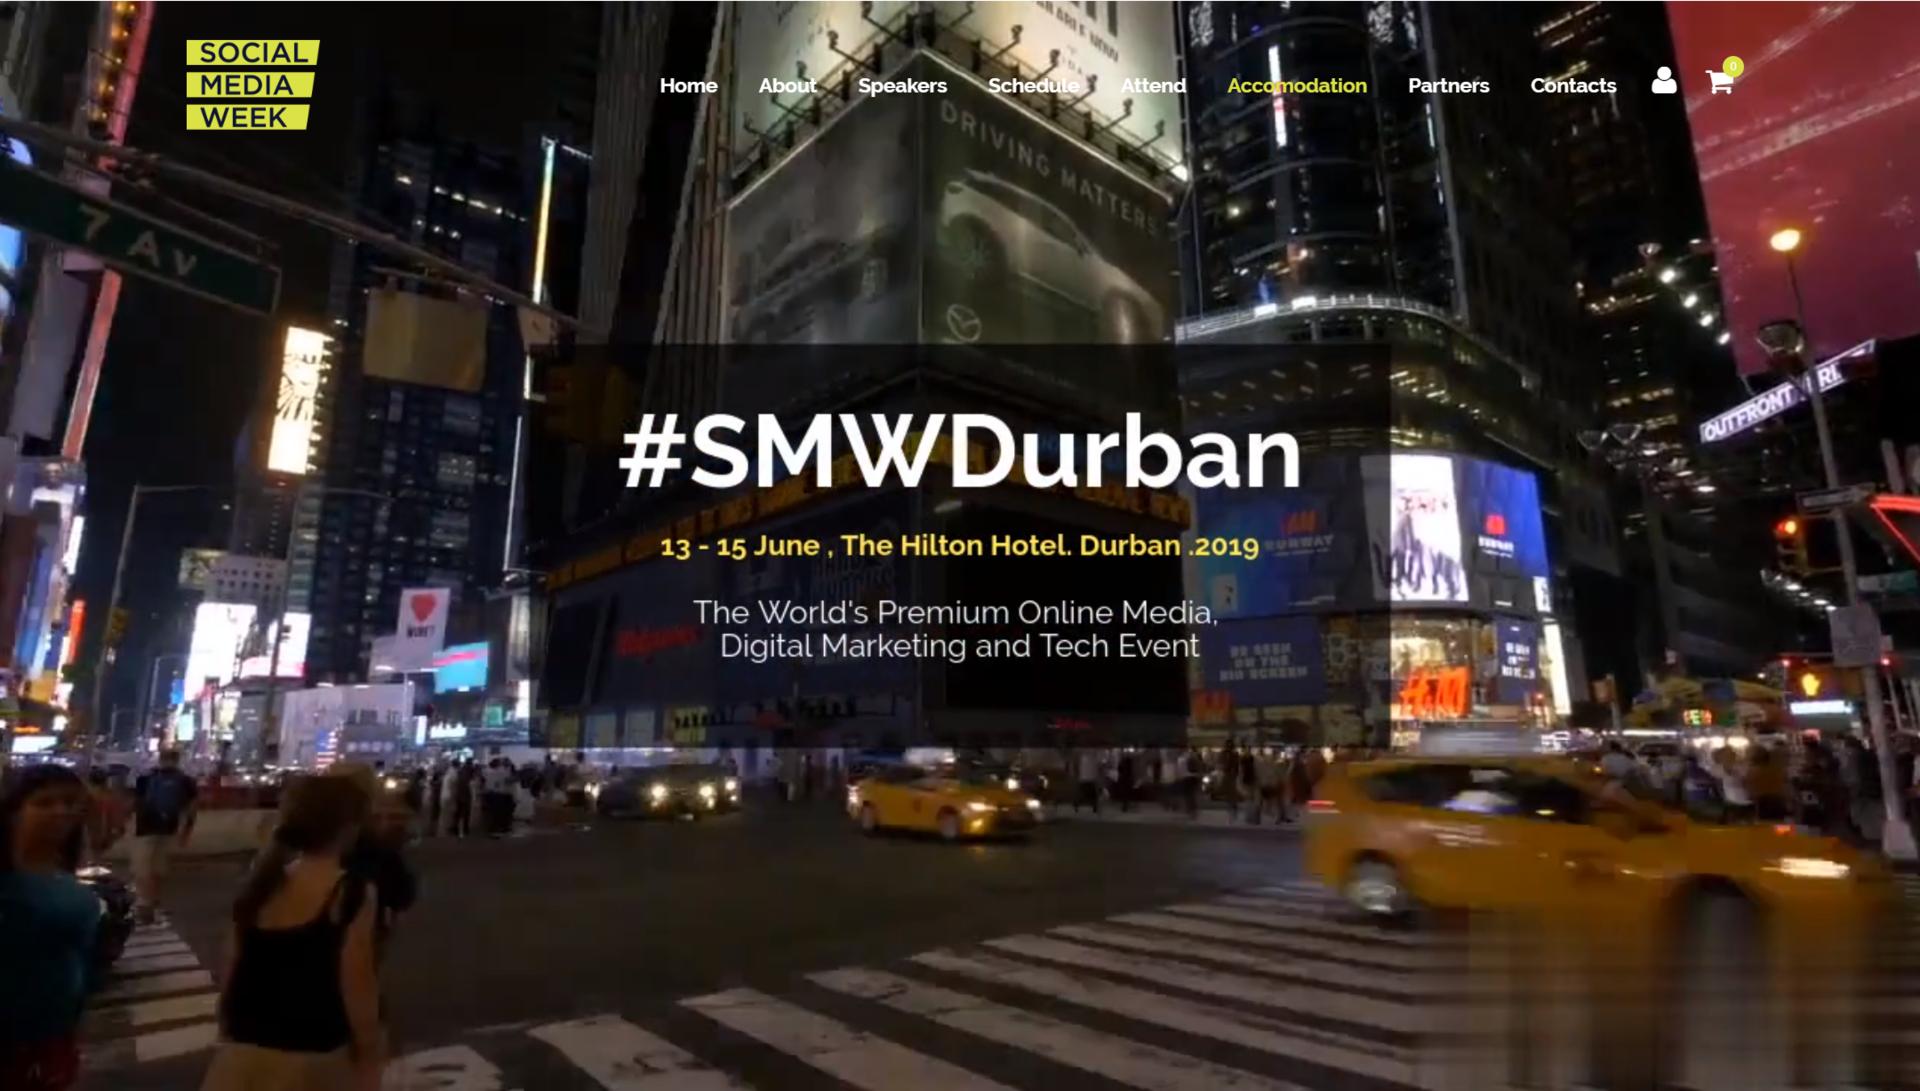 Homepage - Social Media Week Durban on 13 to 15 June 2019